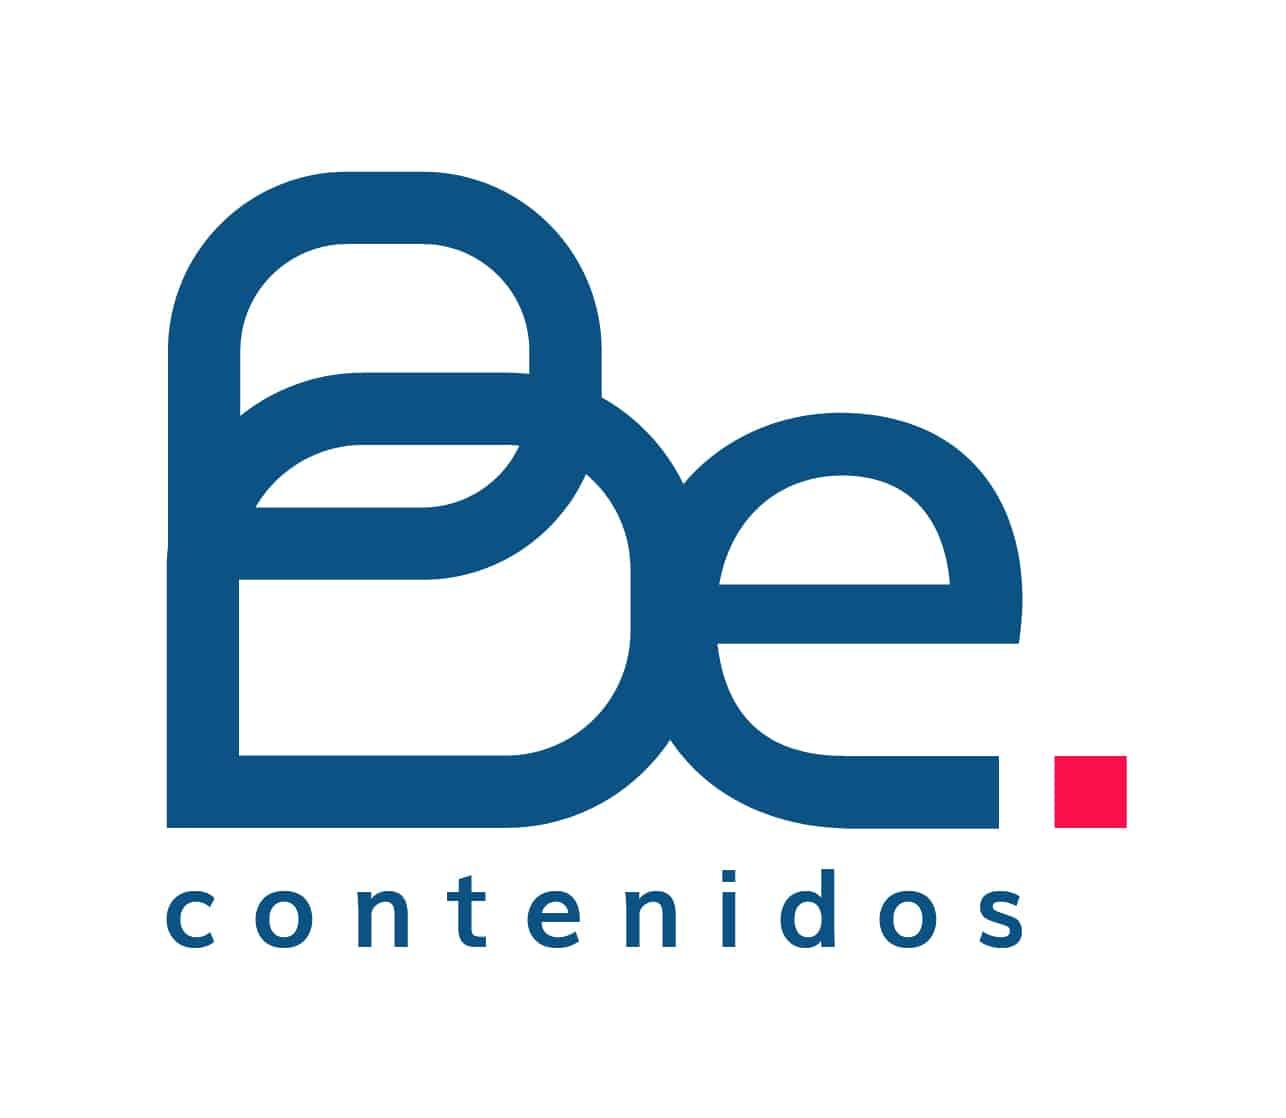 Be Contenidos - Agencia de Marketing Digital en Medellín